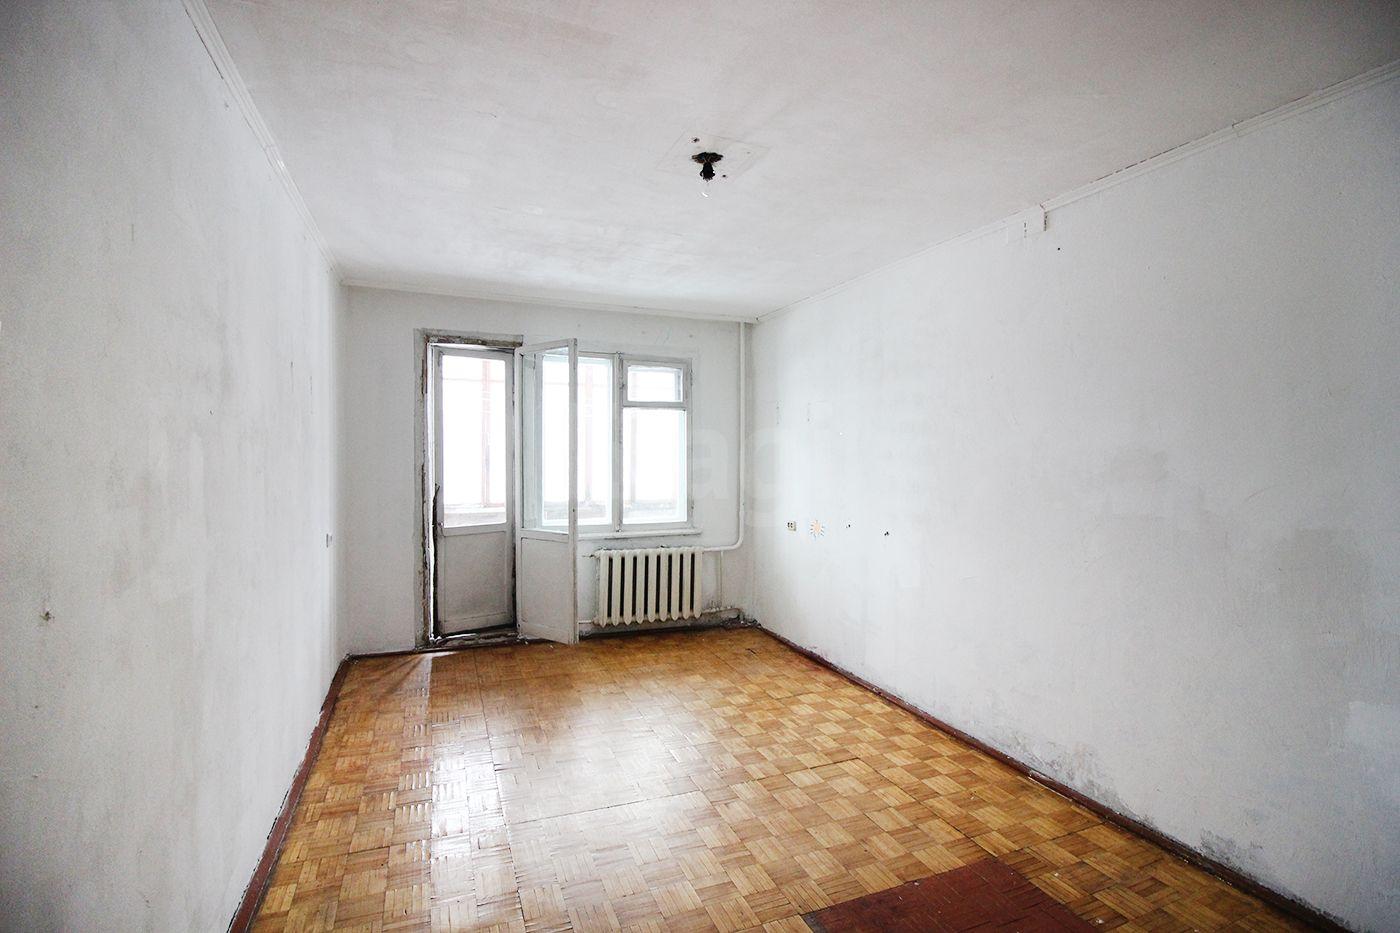 Продается четырехкомнатная квартира за 2 300 000 рублей. Индустриальный, ул. Сухэ-Батора, д. 5 (5.7 км до центра).